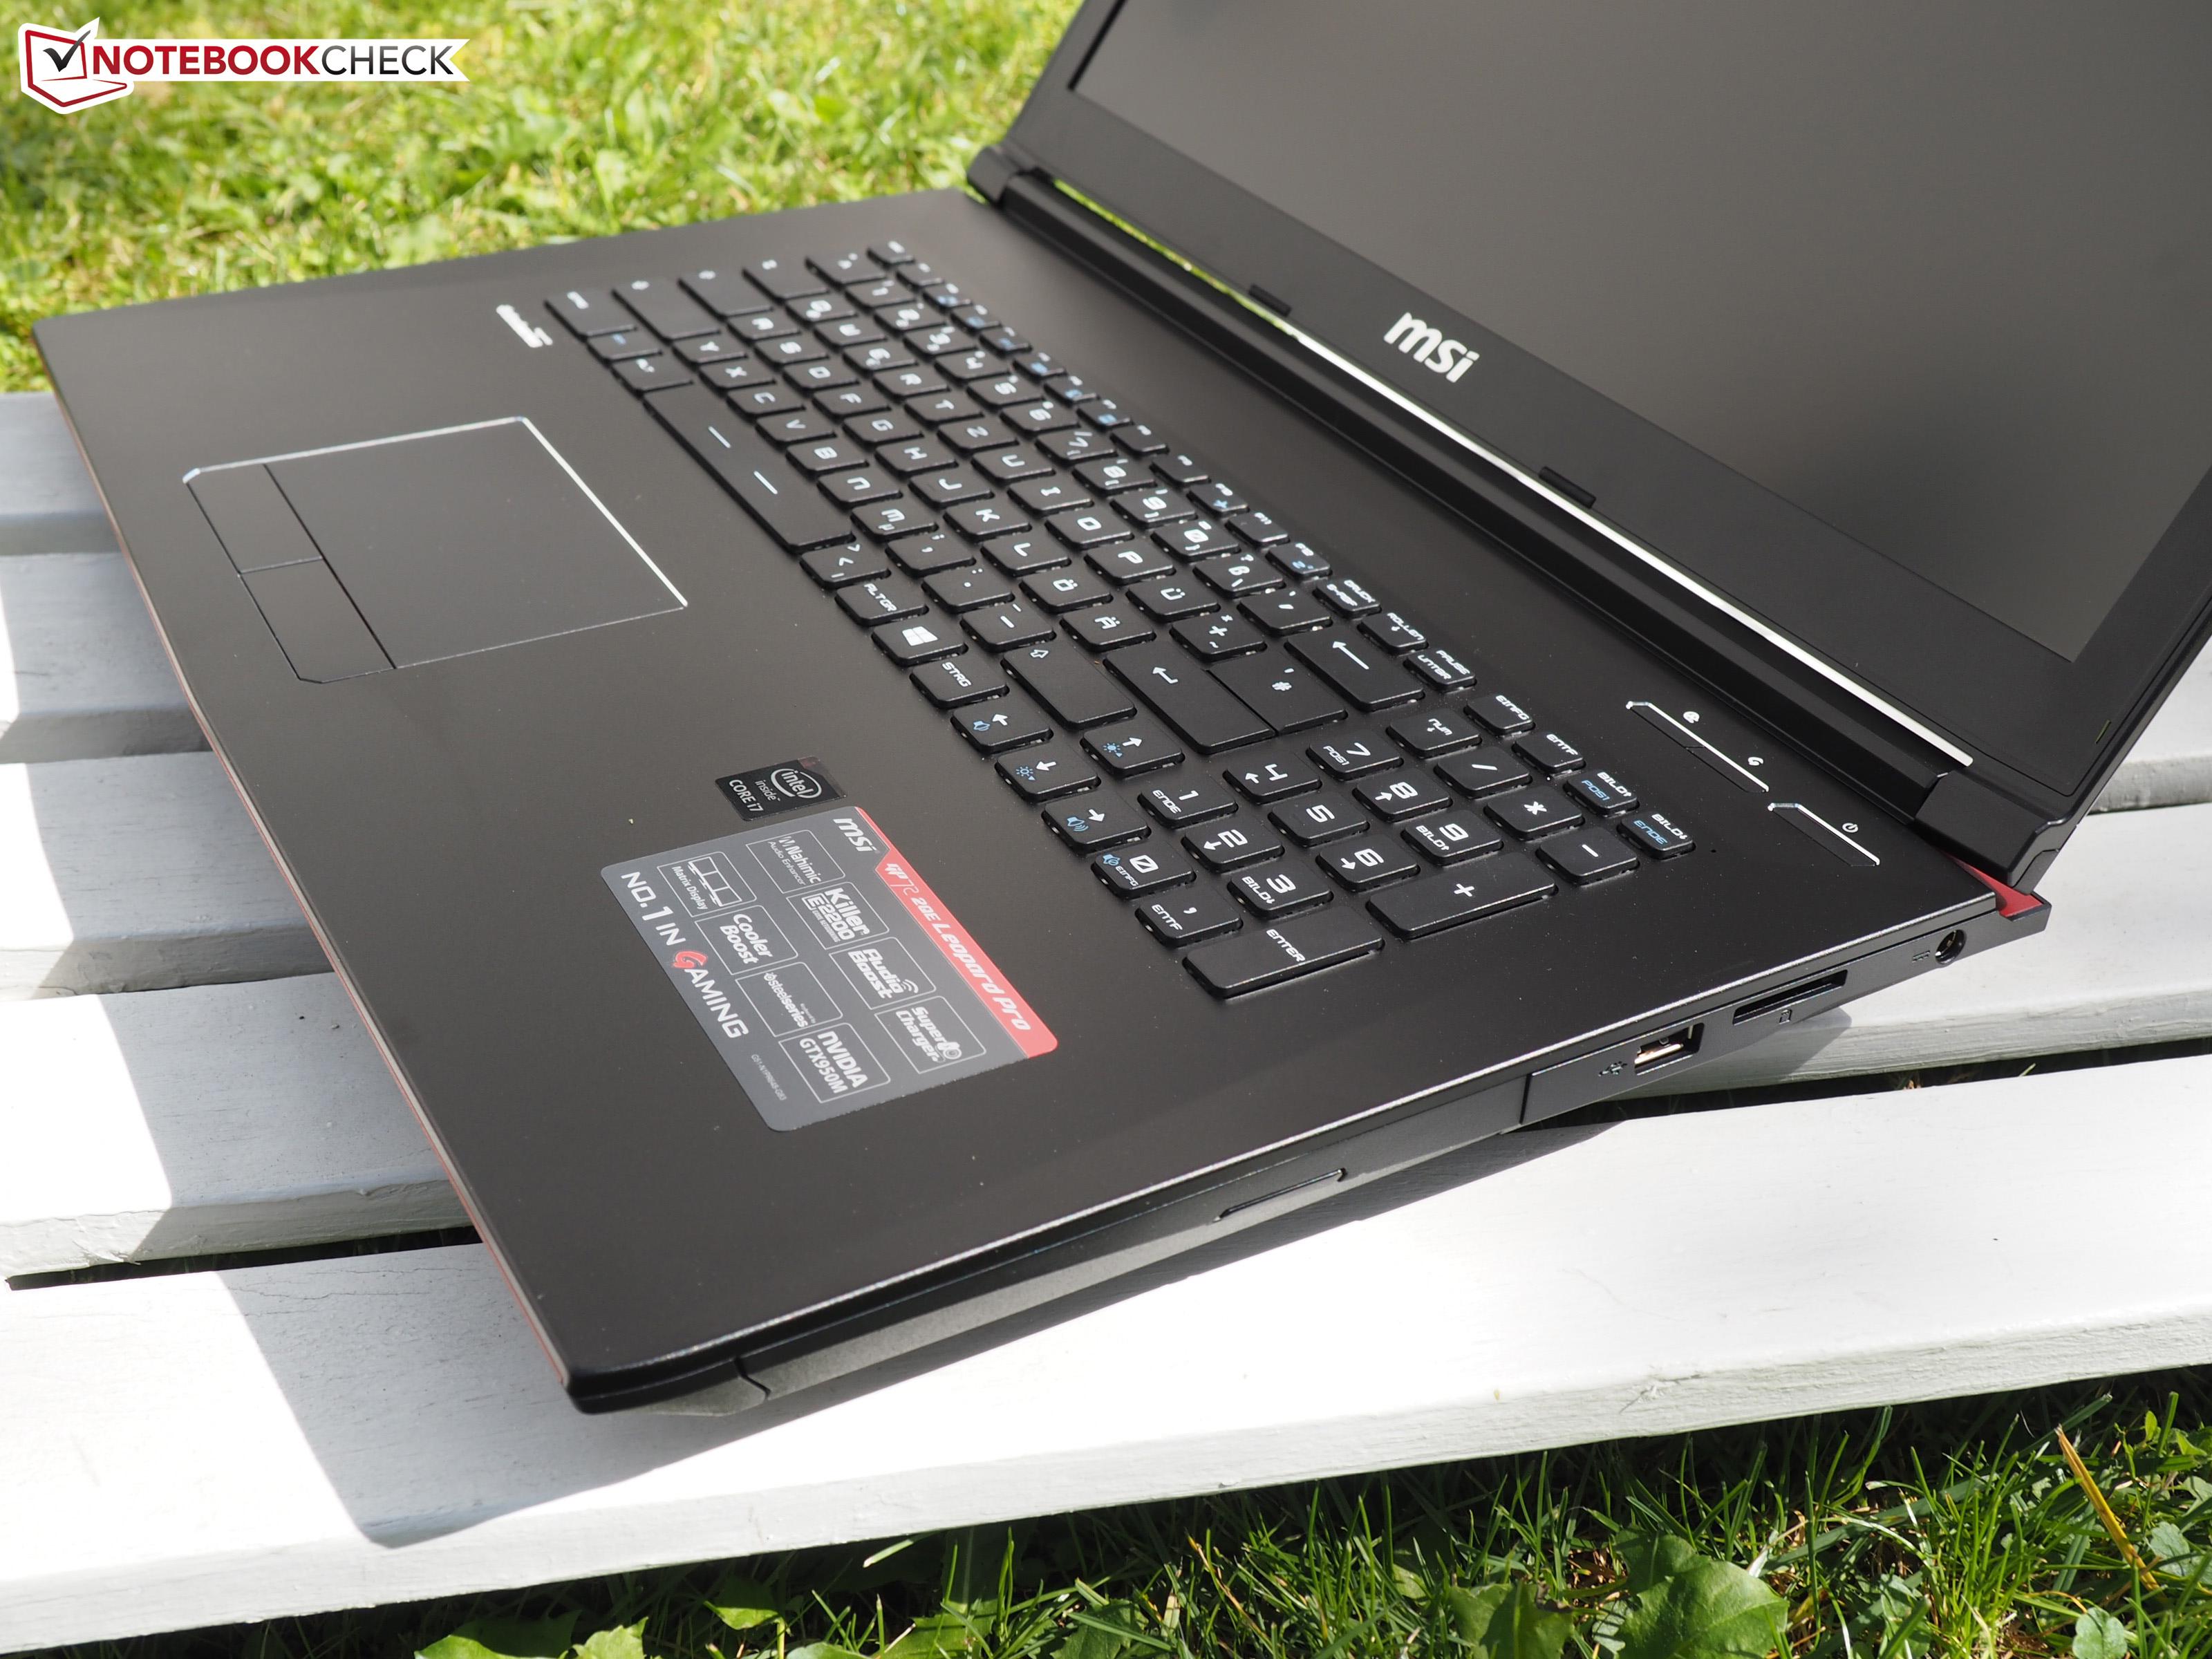 MSI GP72 2QE Leopard Pro Intel Bluetooth Windows 7 64-BIT